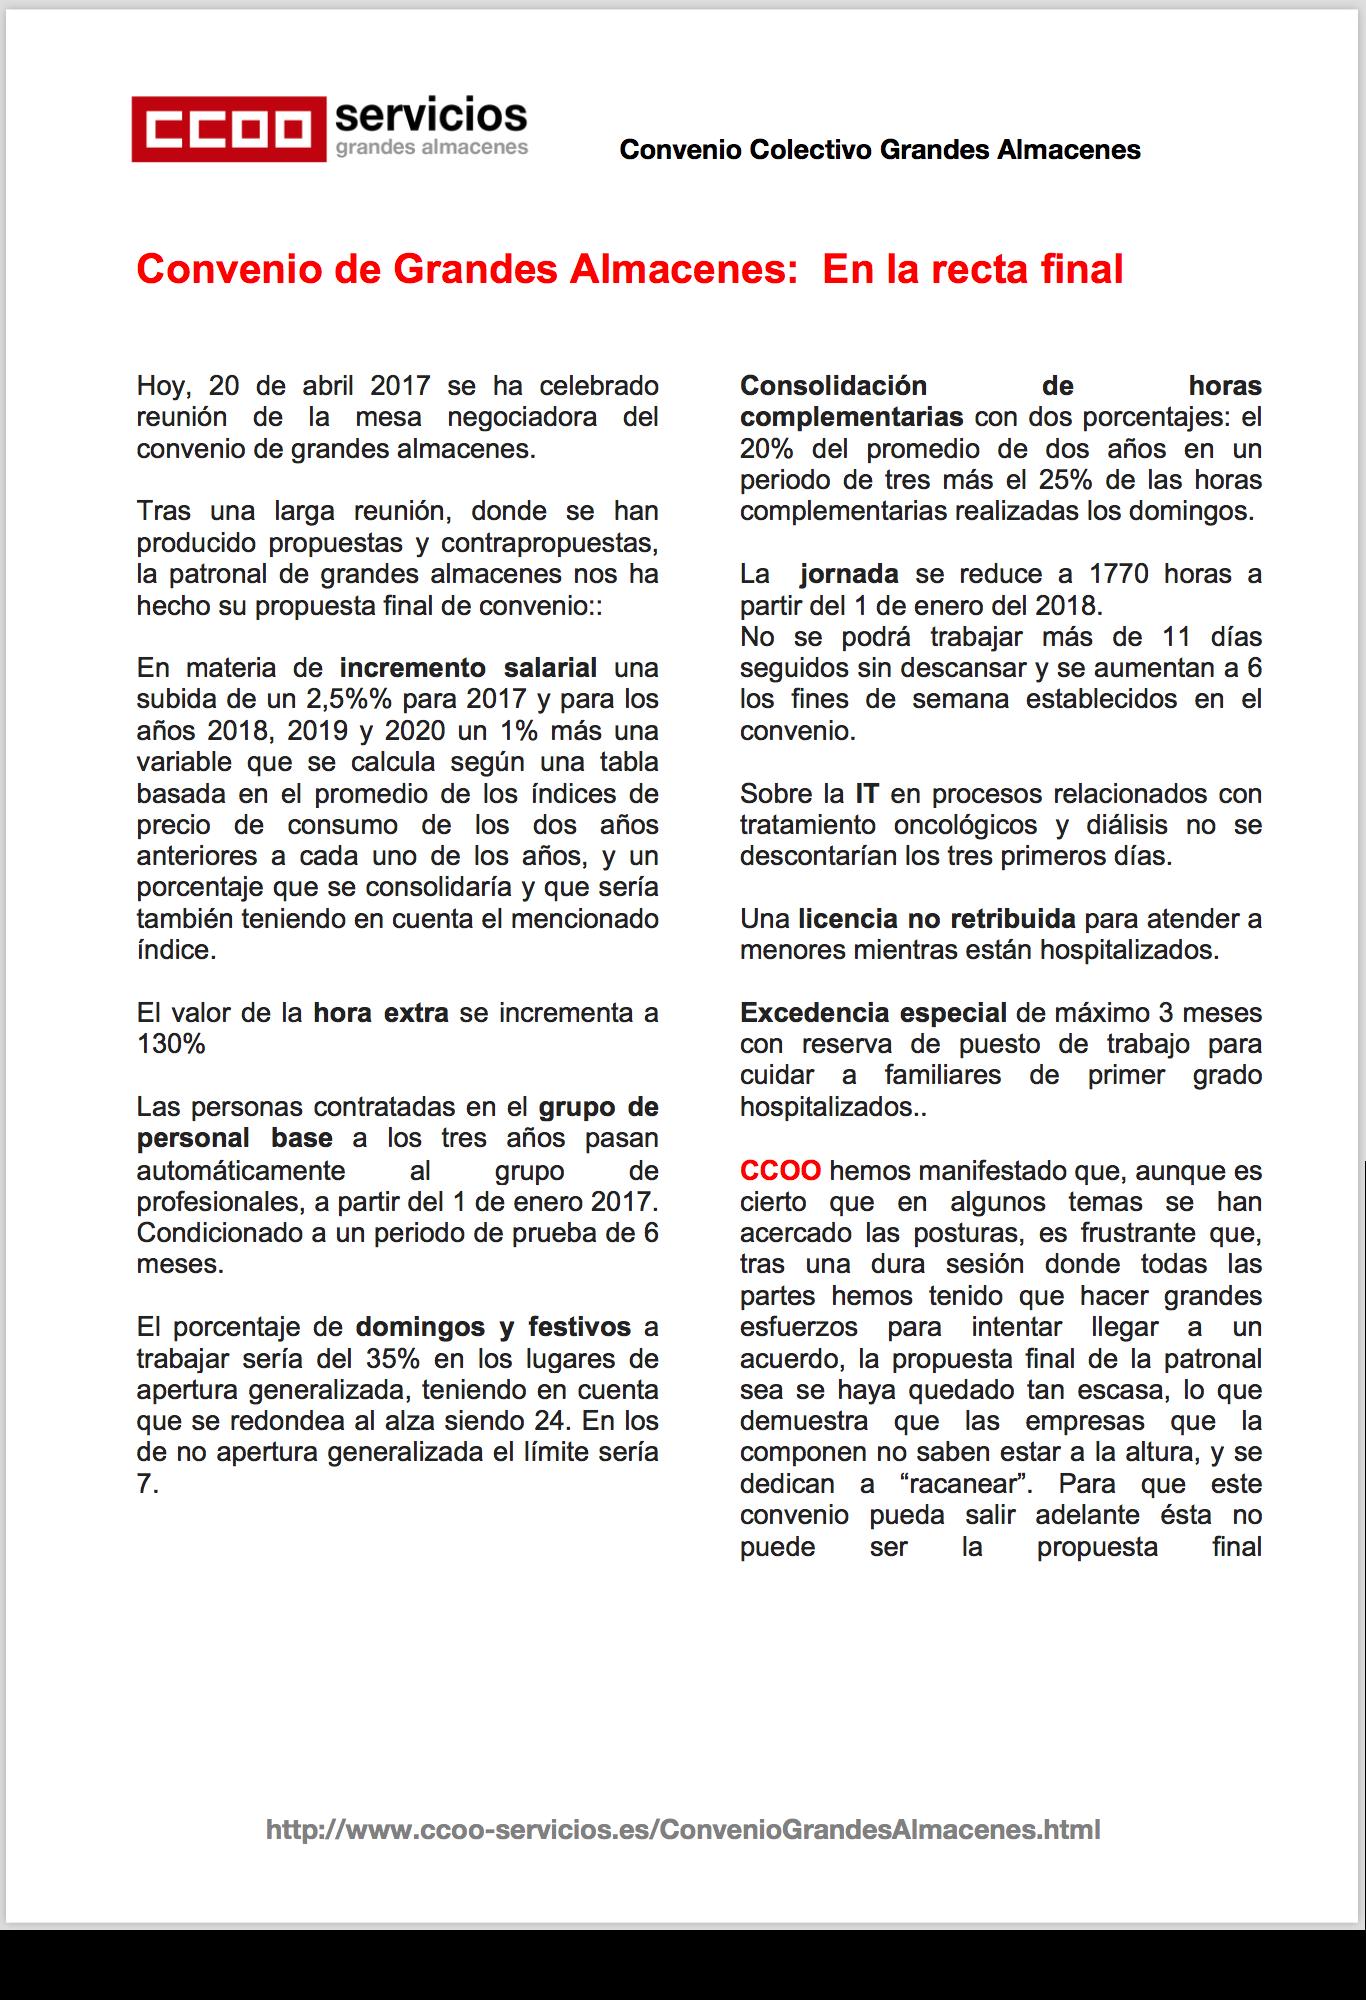 Pagina 1 del septimo comunicado GGAA